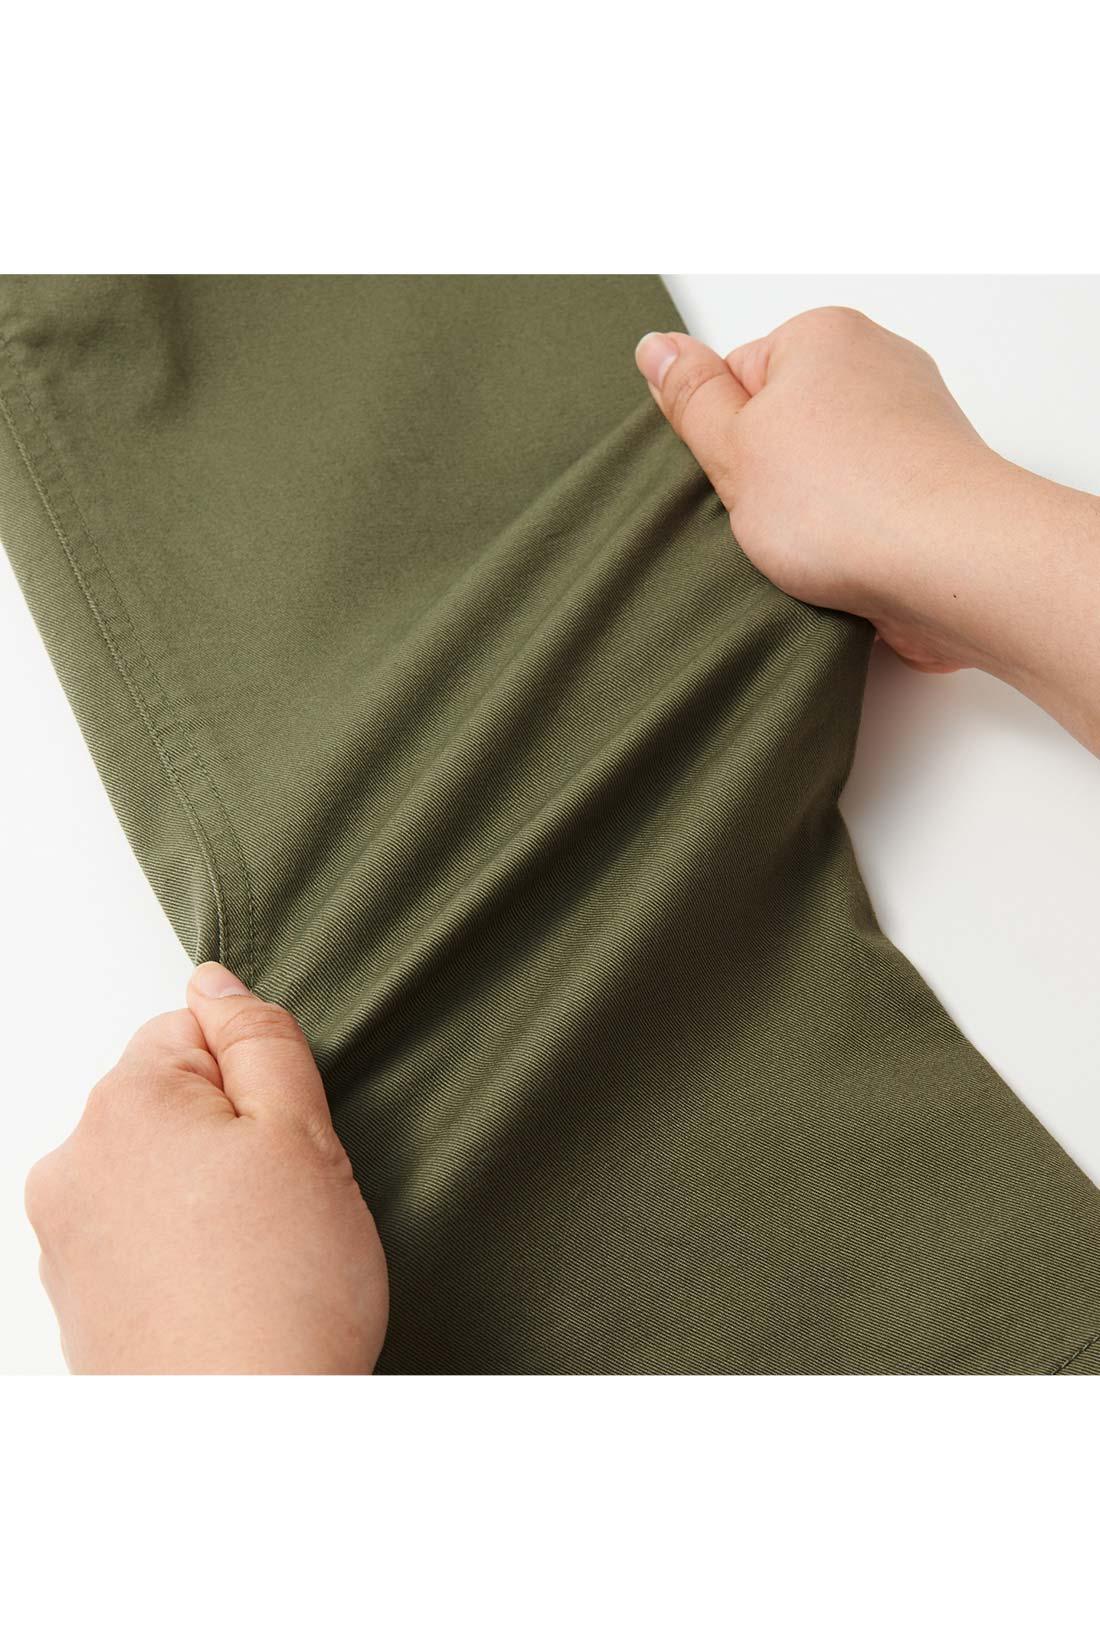 伸びやかストレッチ アクティブに動けるストレッチ素材。